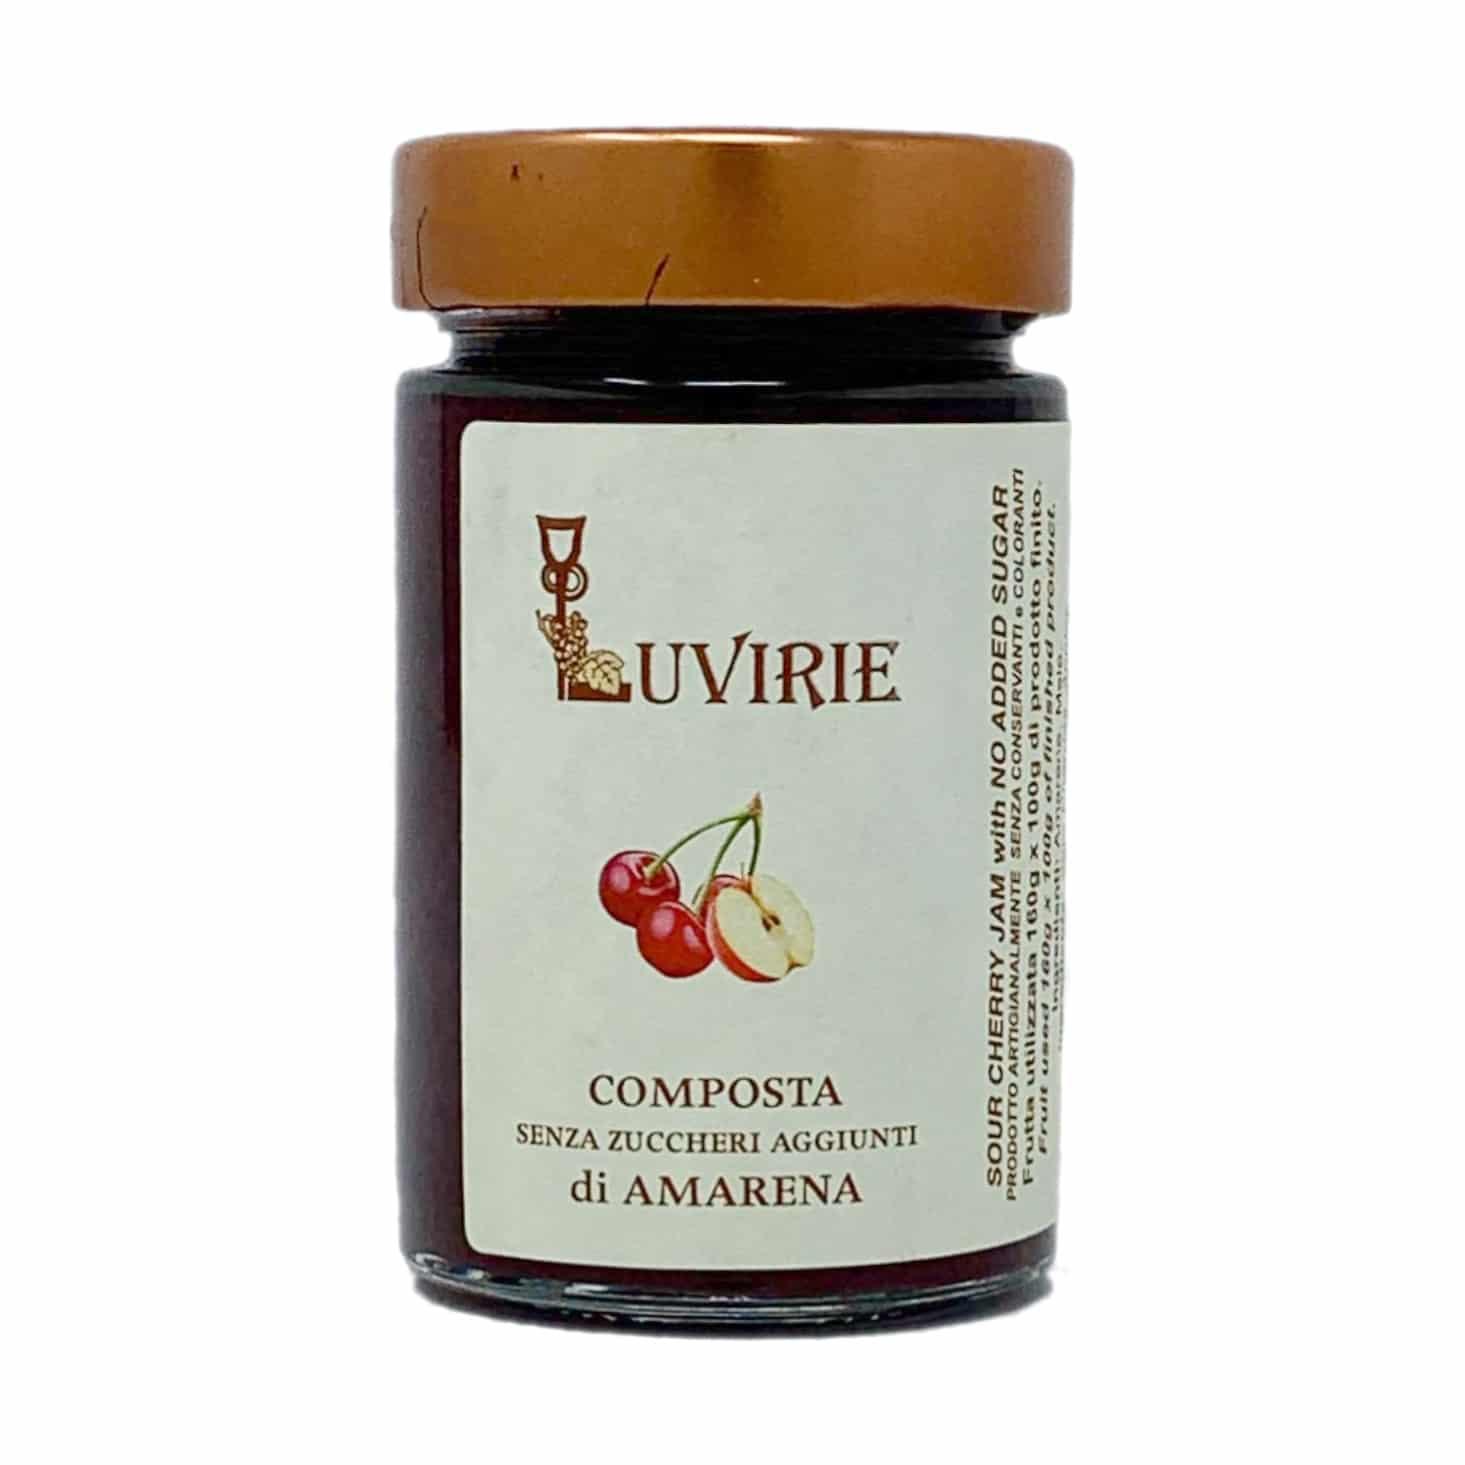 COMPOSTA DI AMARENA 210G Luvirie - prodotti tipici romagnoli